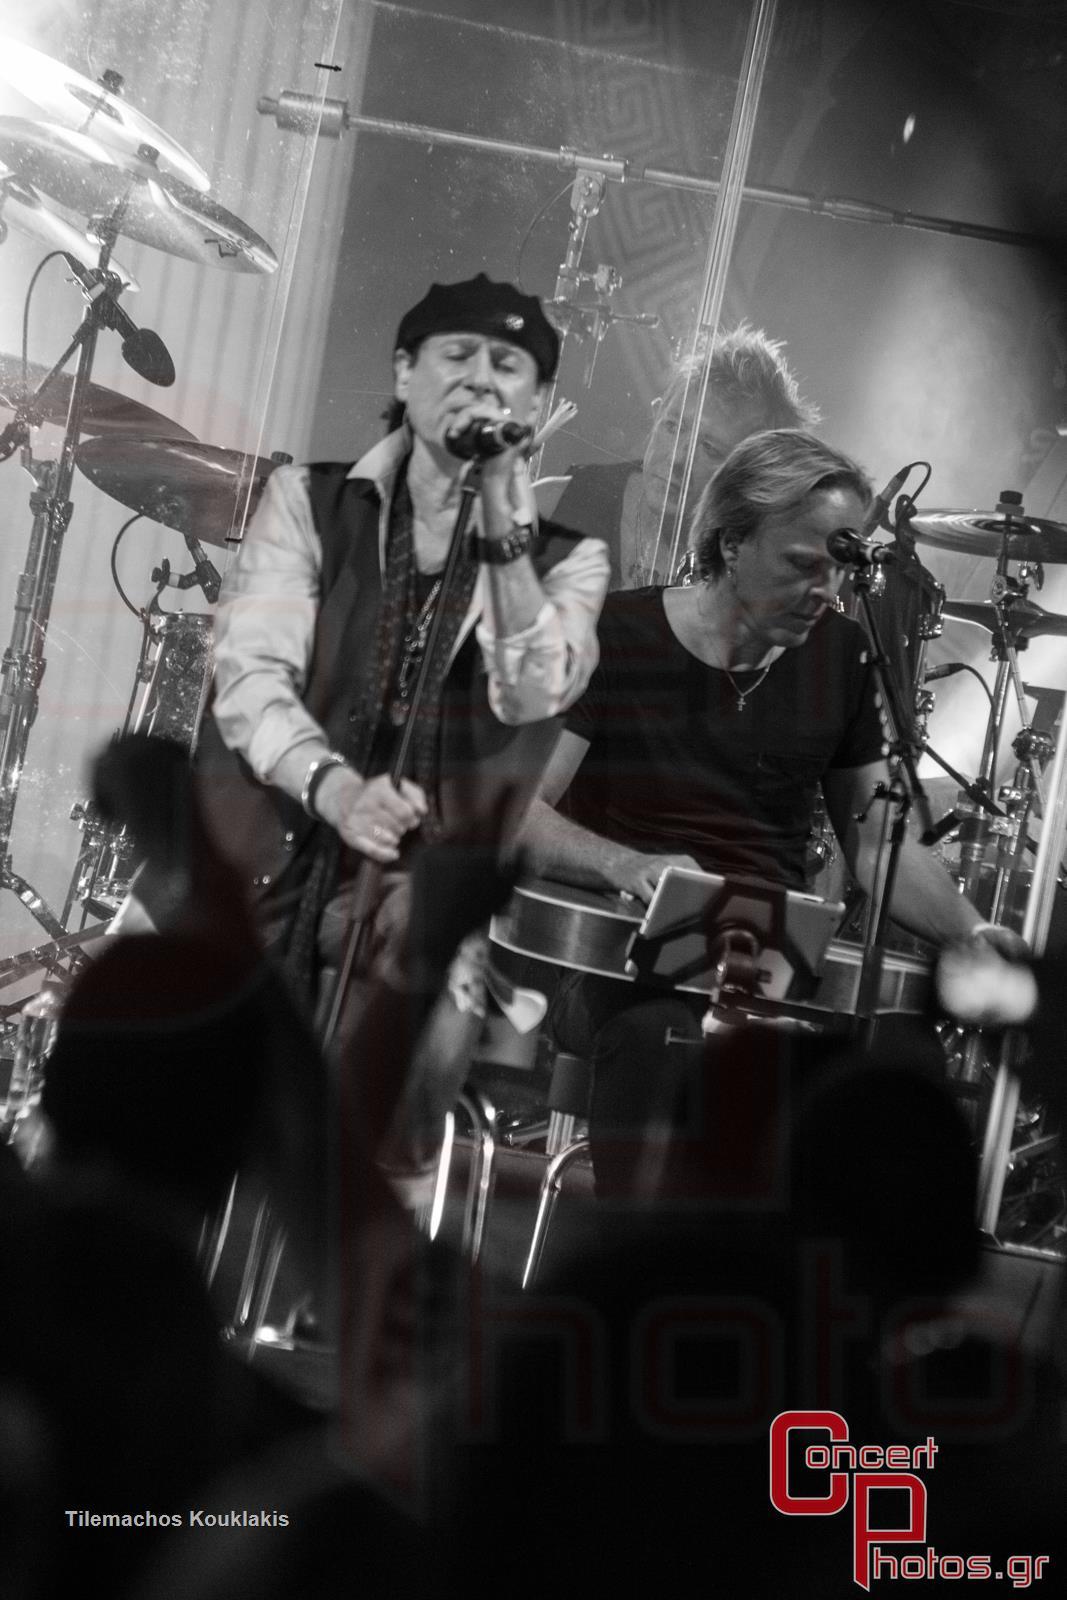 Scorpions-Scorpions photographer: Tilemachos Kouklakis - concertphotos_-7108